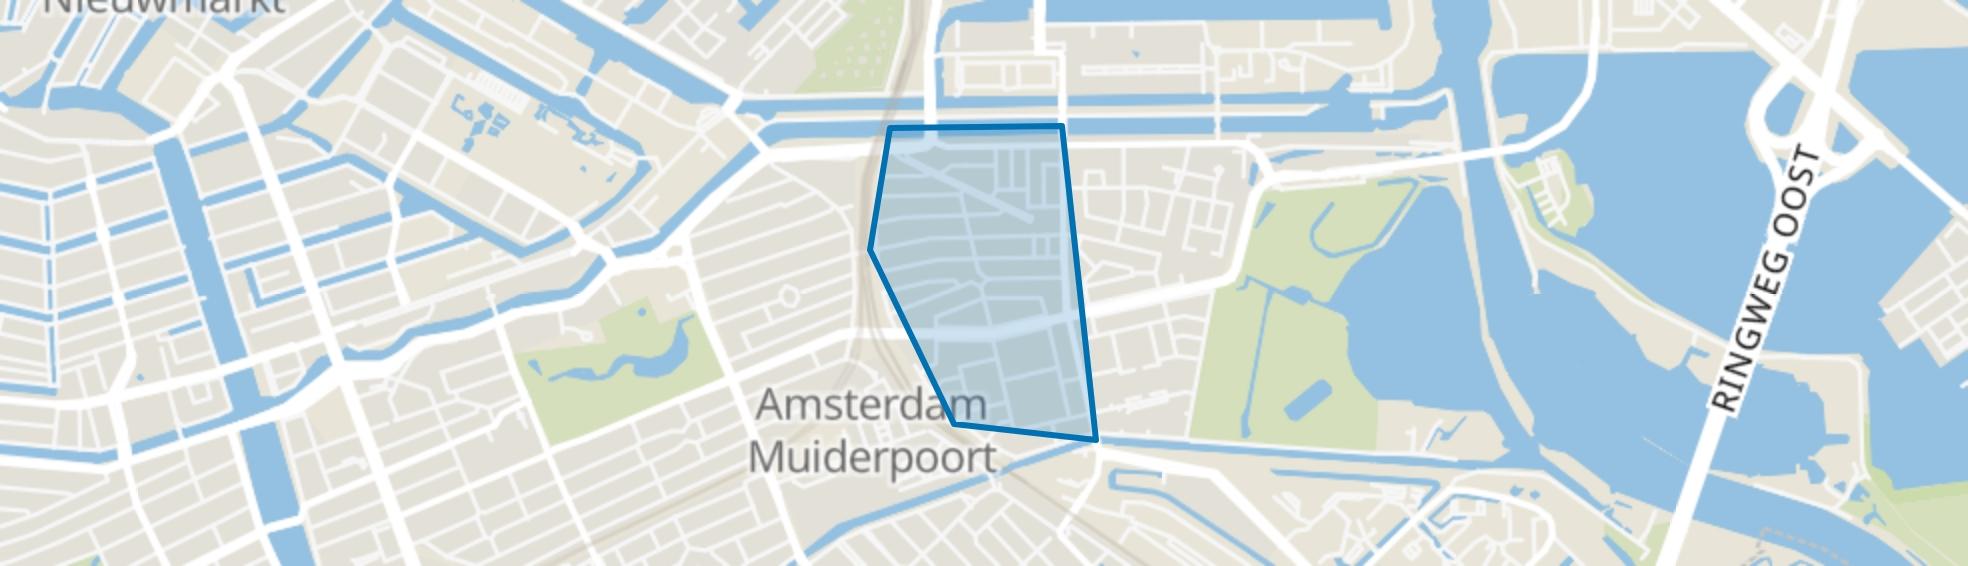 Indische Buurt West, Amsterdam map